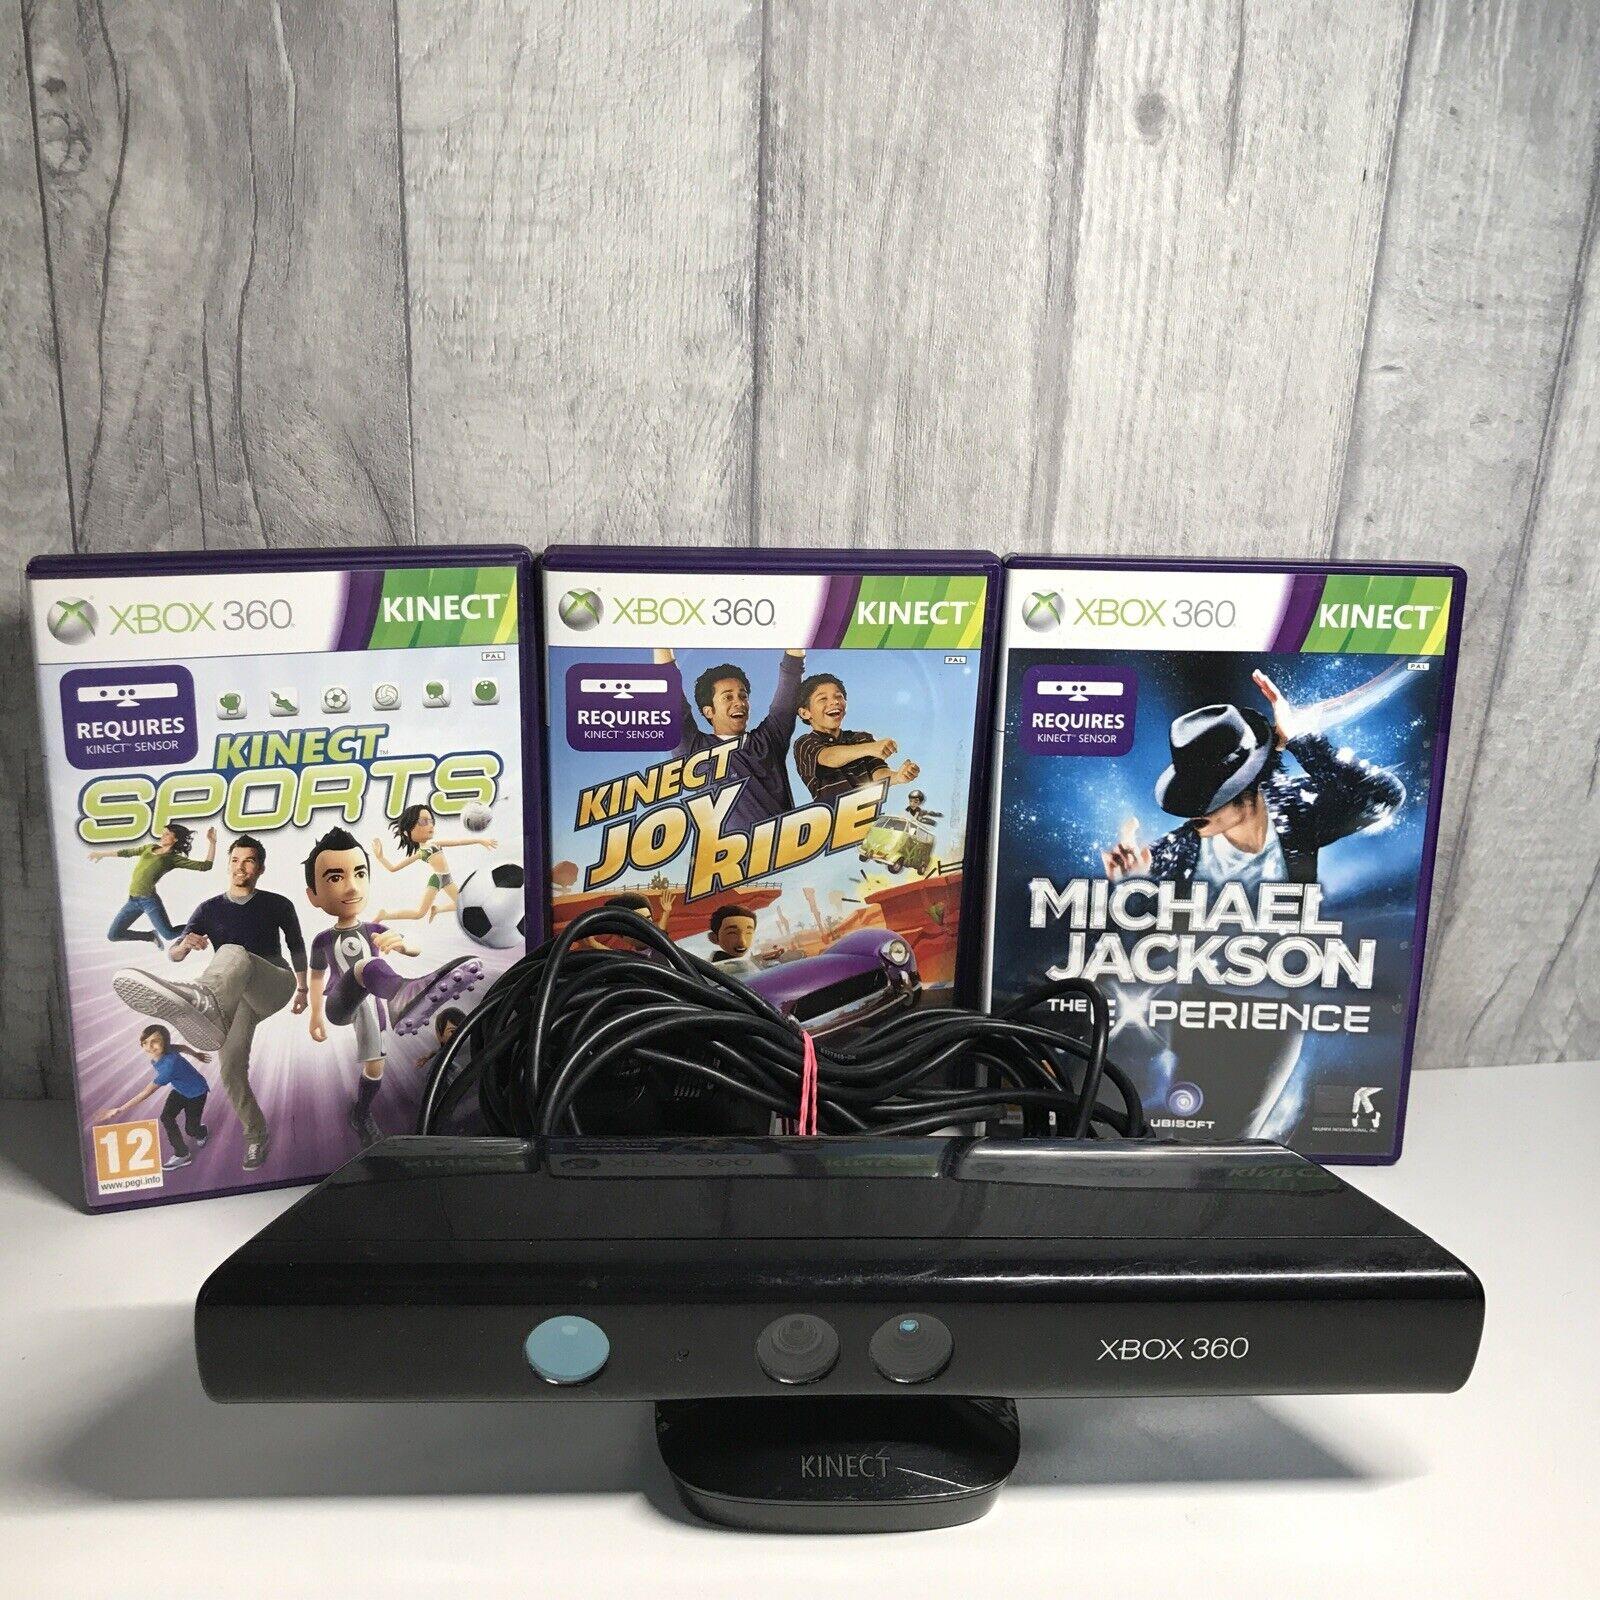 Xbox 360 Kinect Sensor Bundle with 3 Games And AC Adaptor - Microsoft